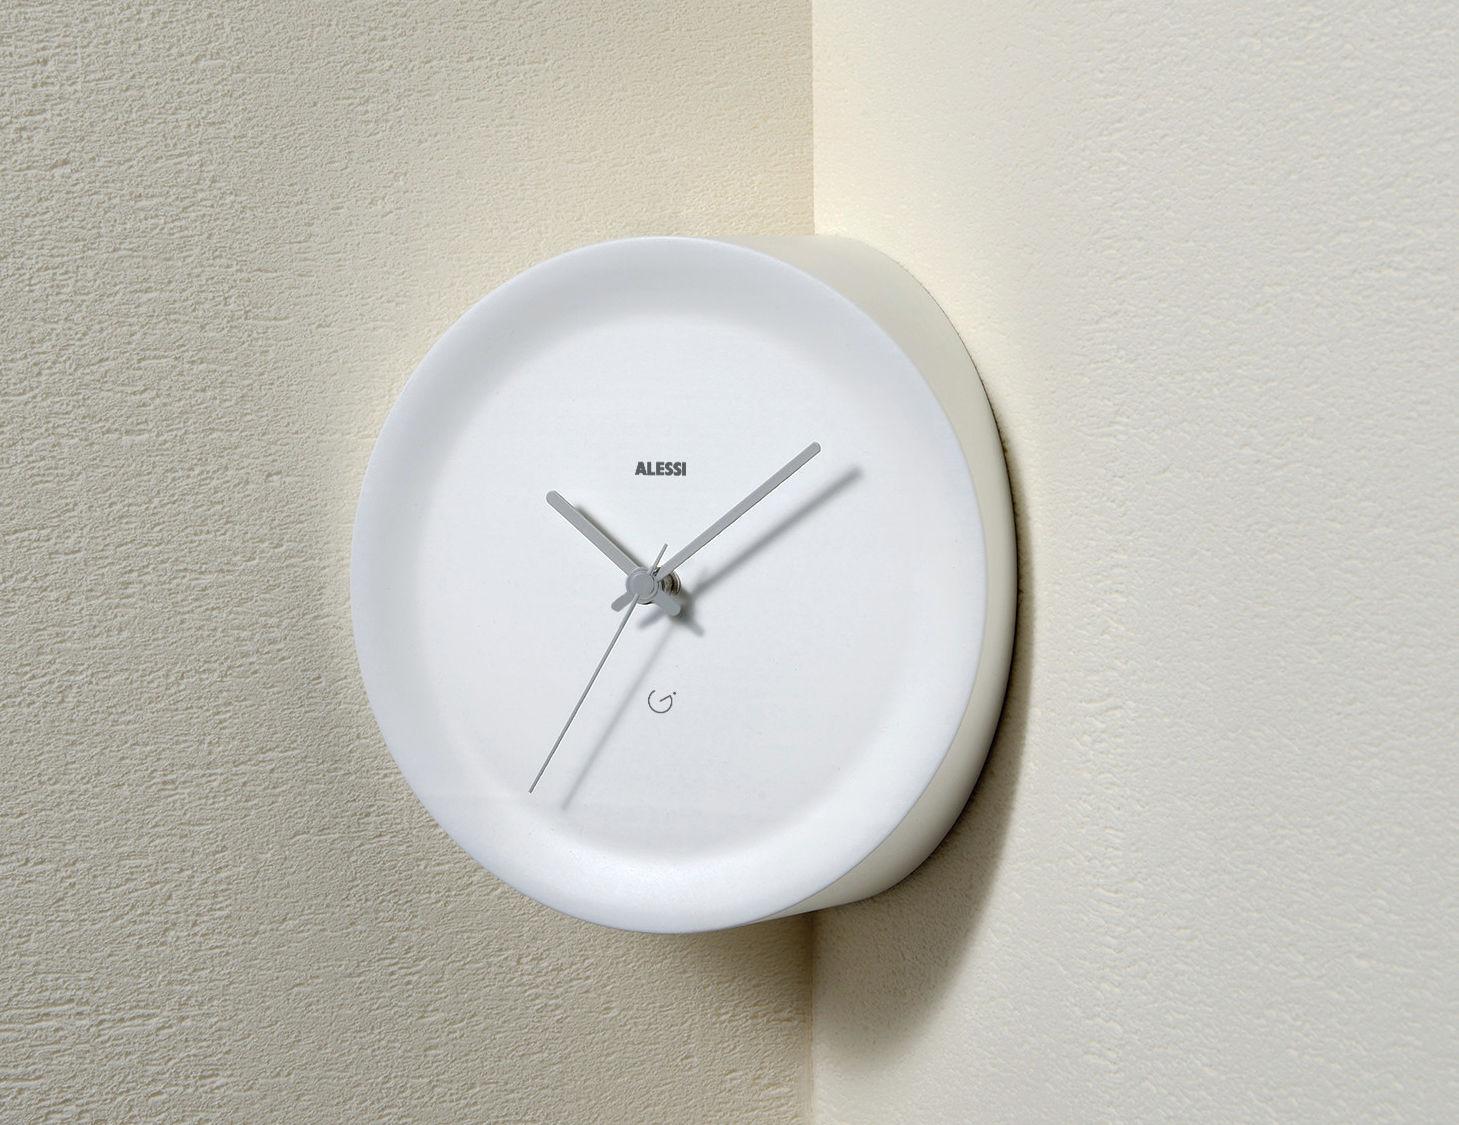 Déco - Horloges  - Horloge murale Ora In d'angle / Ø 21 x H 13 cm - Alessi - Blanc / Aiguilles grises - Résine thermoplastique